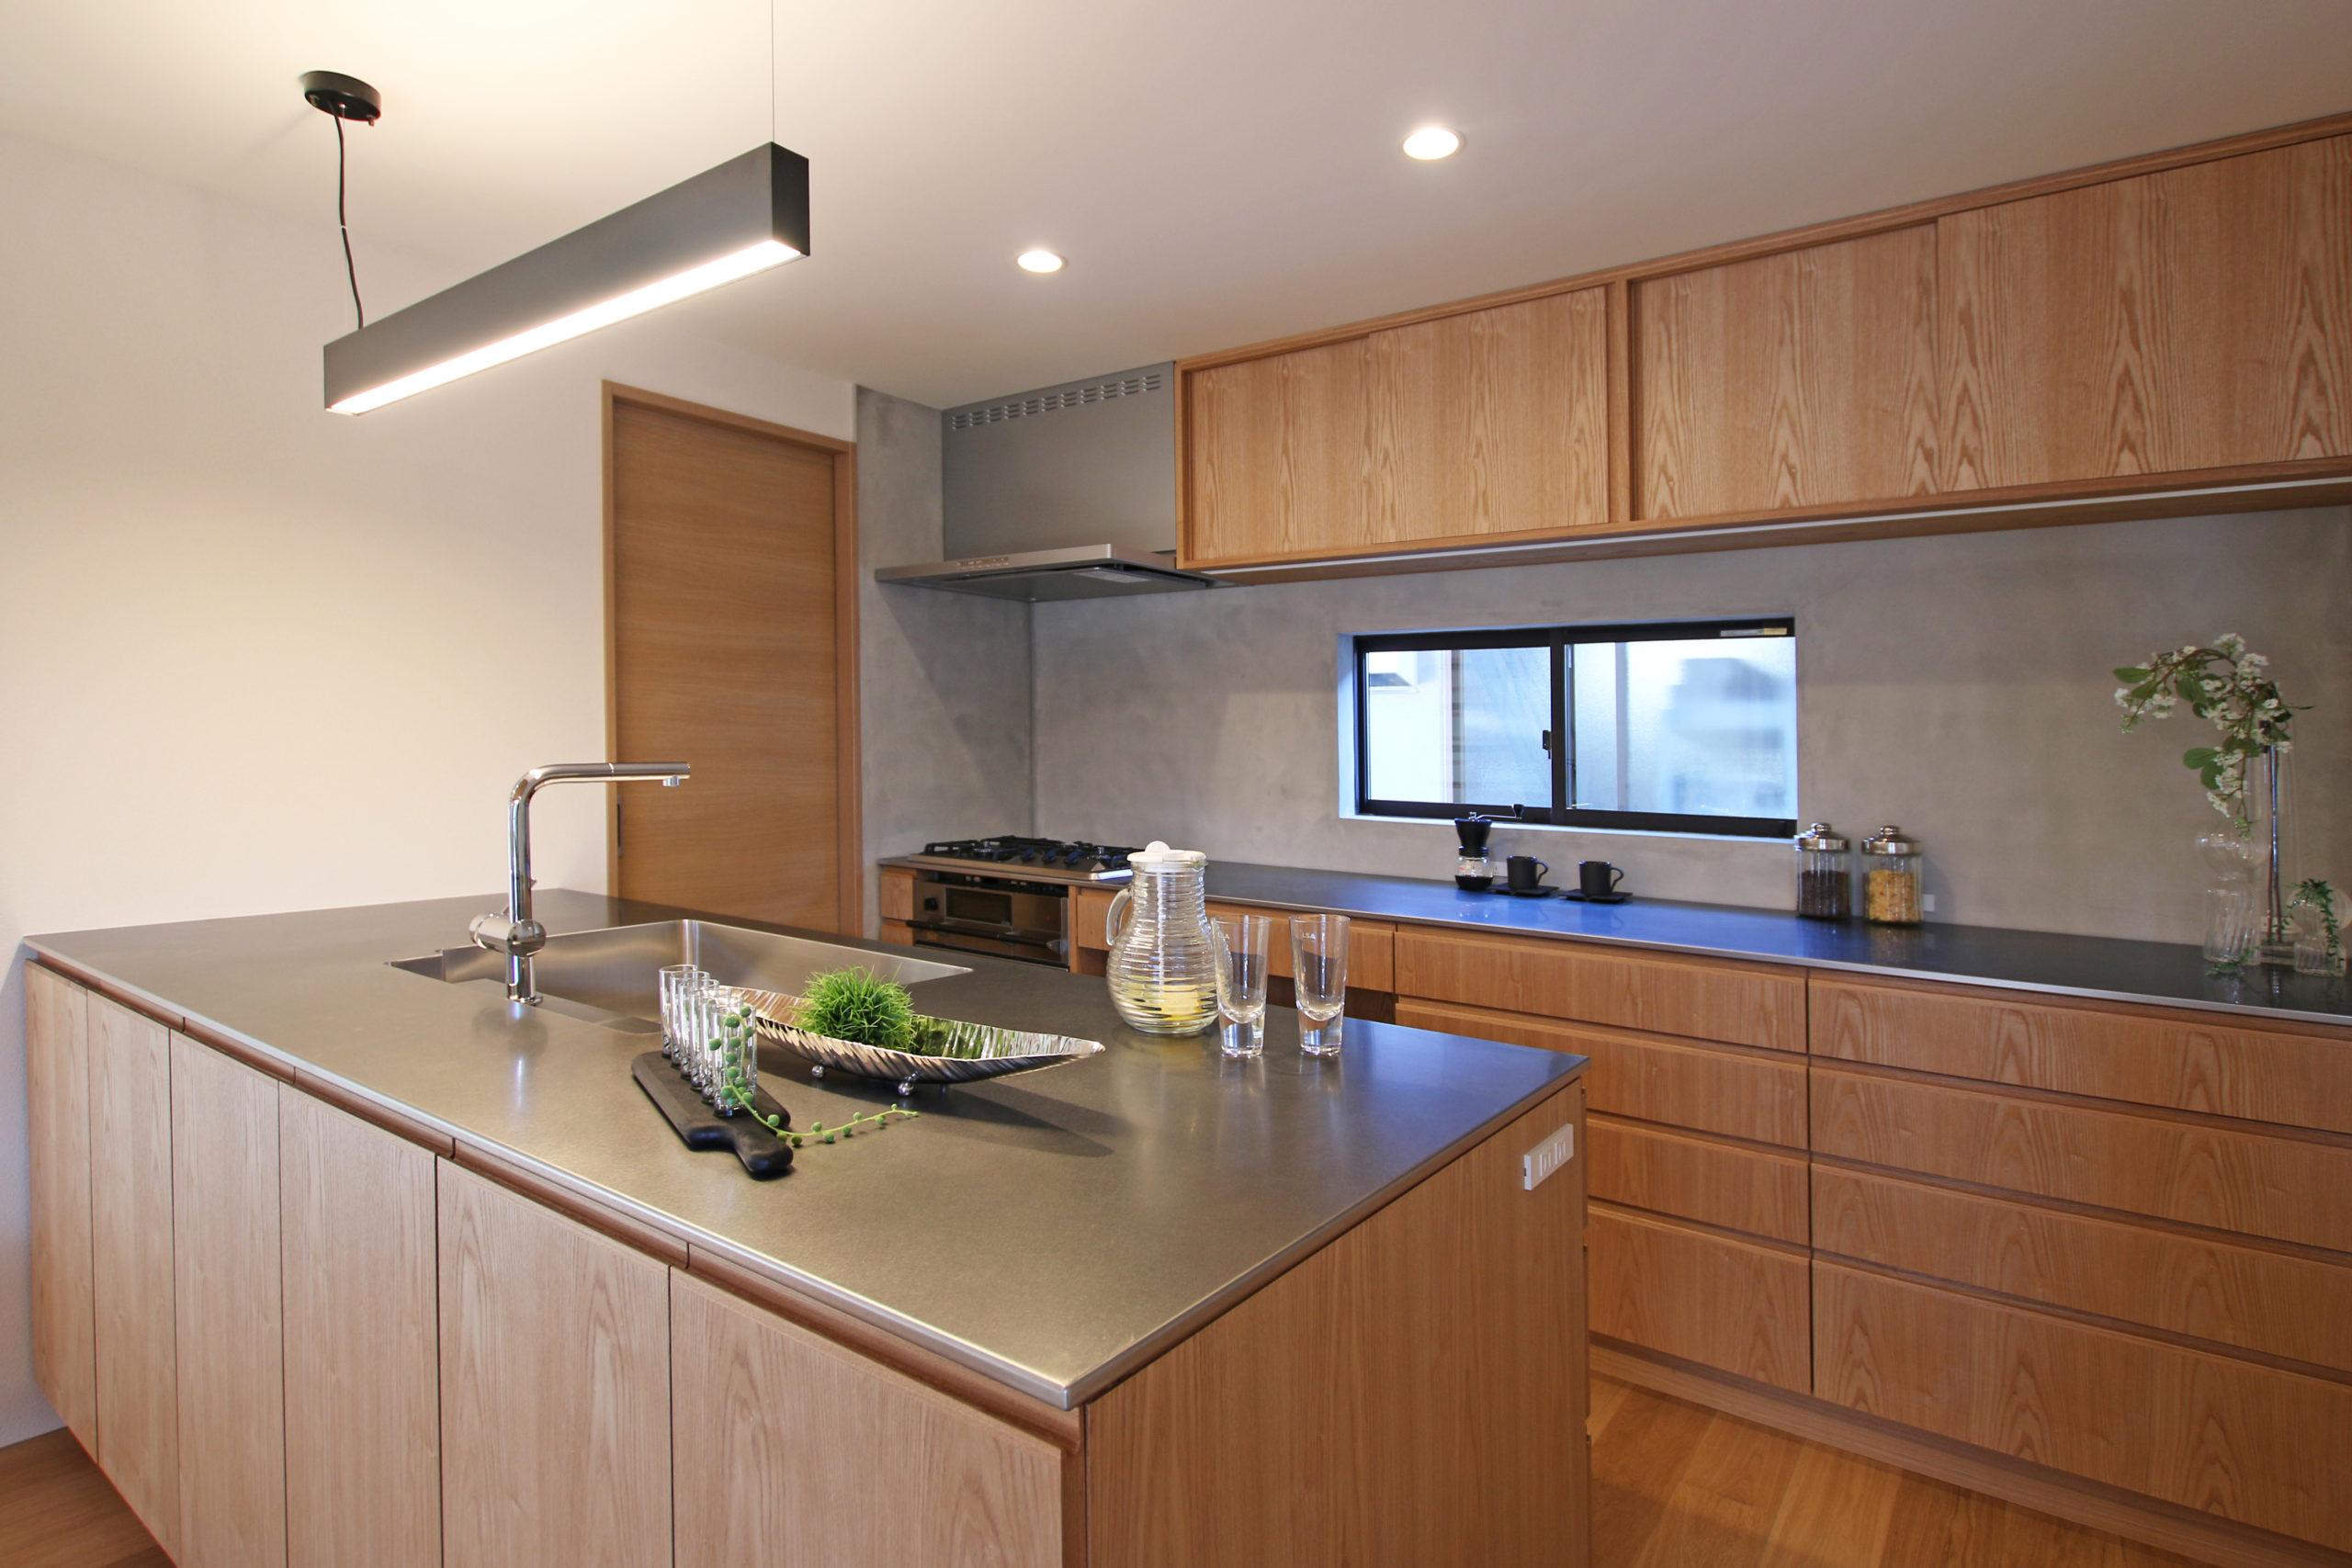 ステンレス×木材の質感も美しいフルオーダーのキッチン